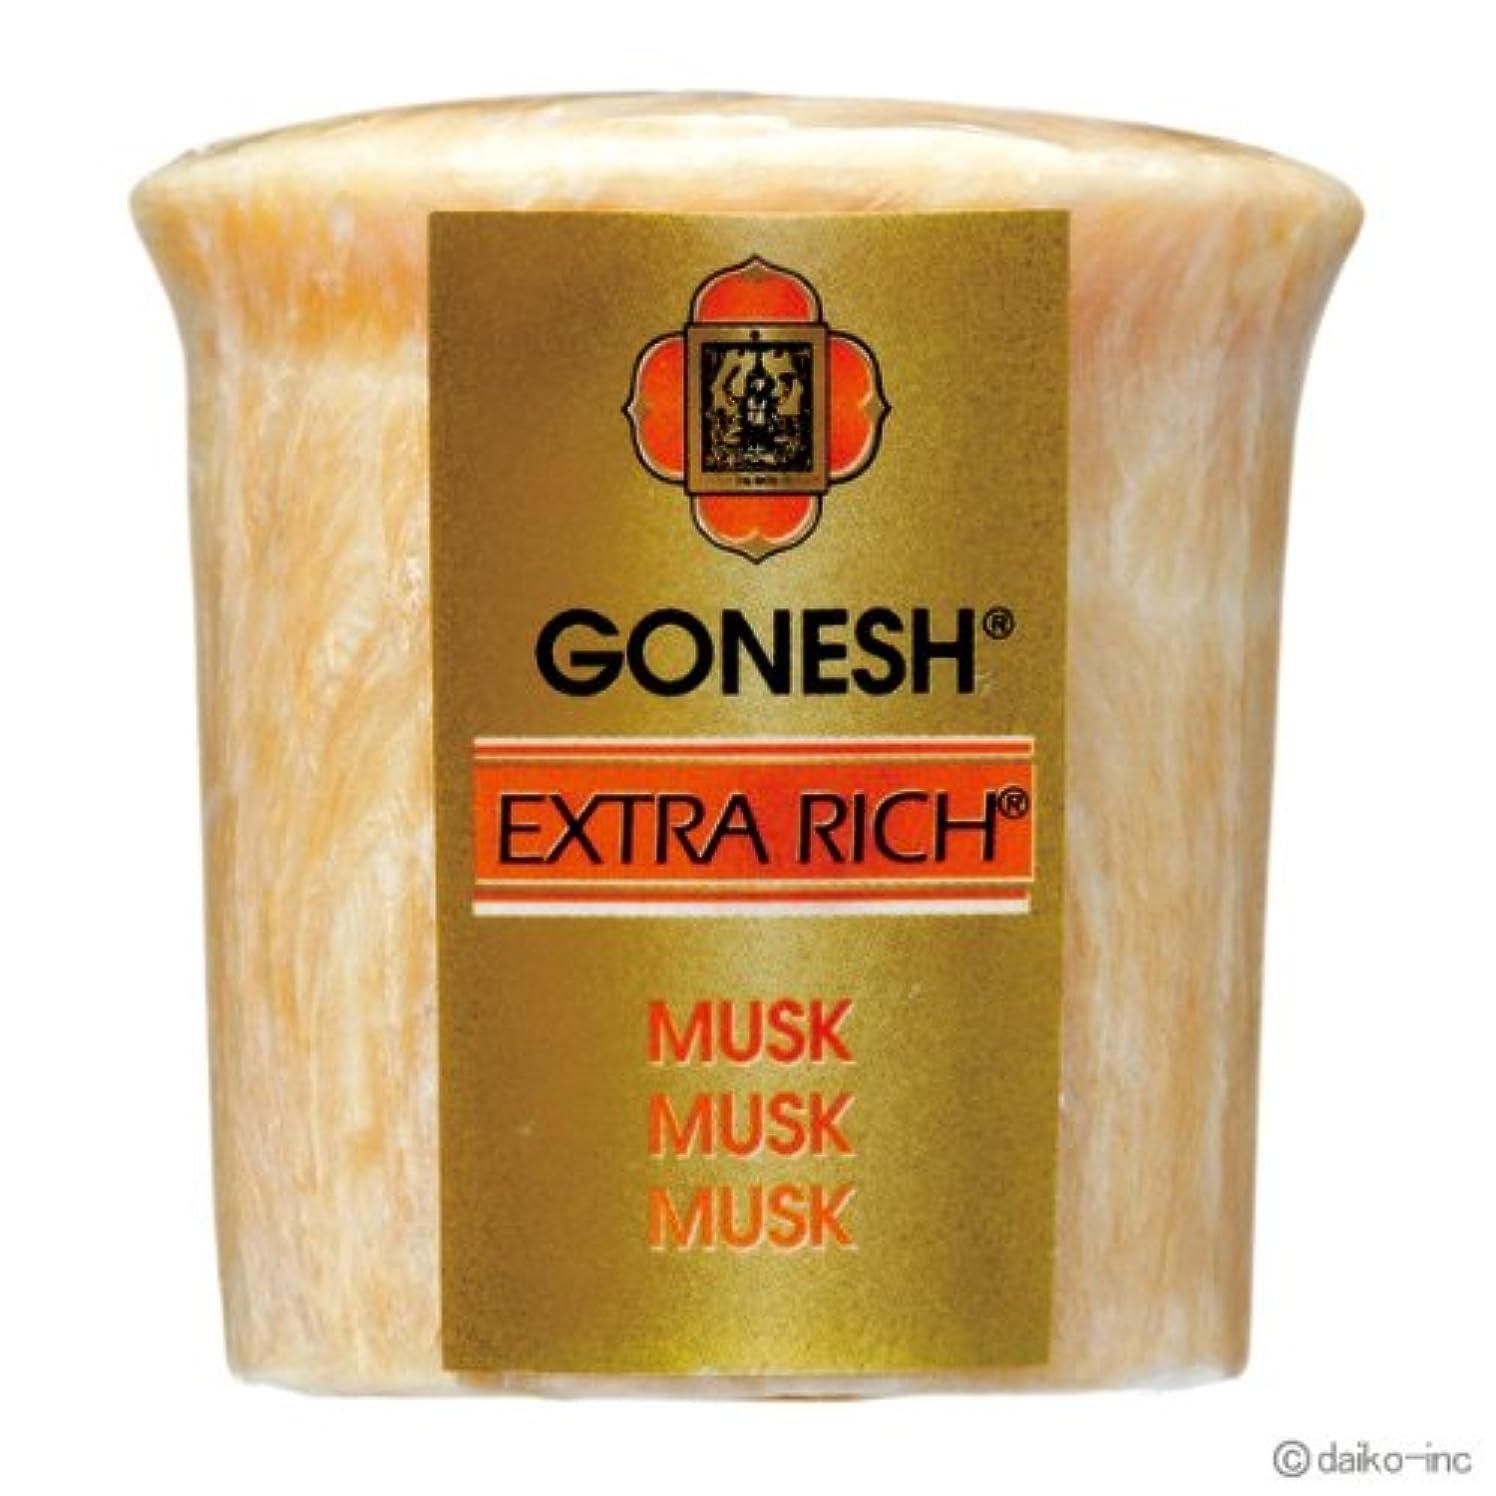 可動式従来のはずガーネッシュ GONESH エクストラリッチ ムスク アロマキャンドル 10個セット